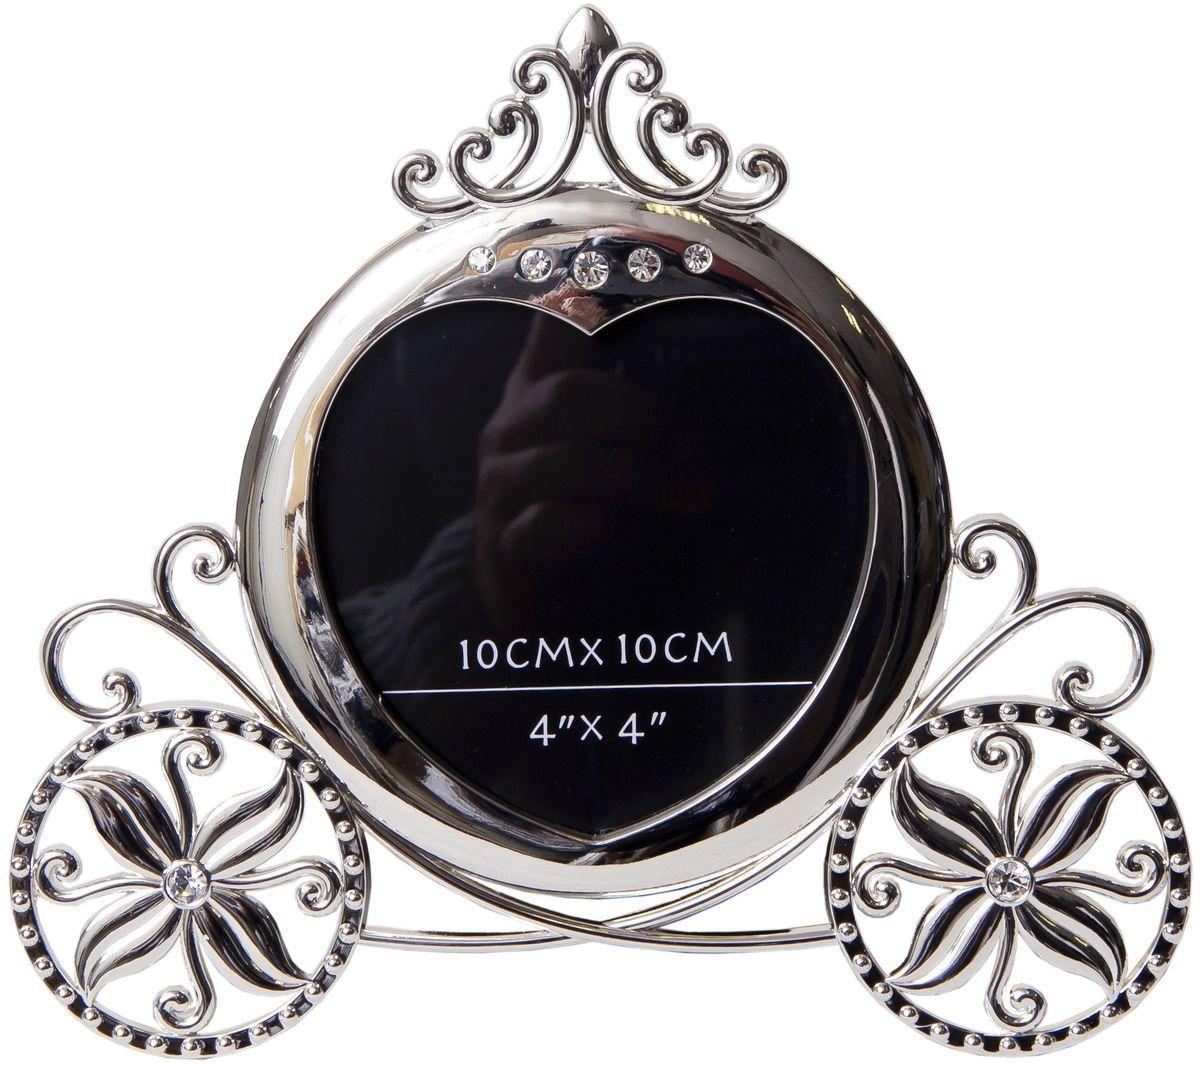 Фоторамка Platinum Карета, 10 х 10 см. PF9873-4 фоторамки русские подарки фоторамка